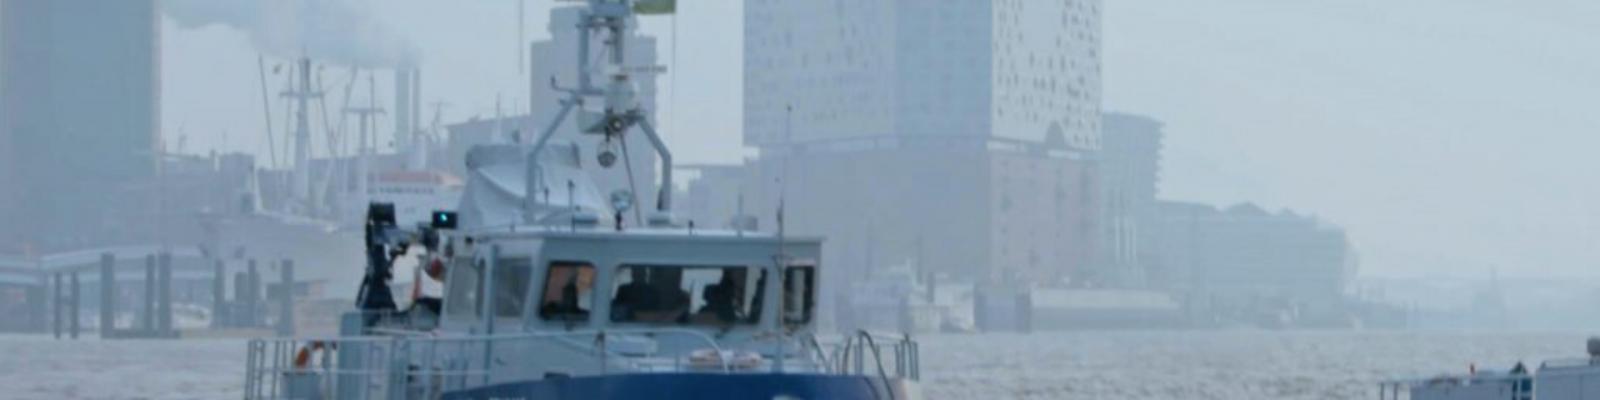 Einsatz Hamburg Hafen – Im Visier des Zolls